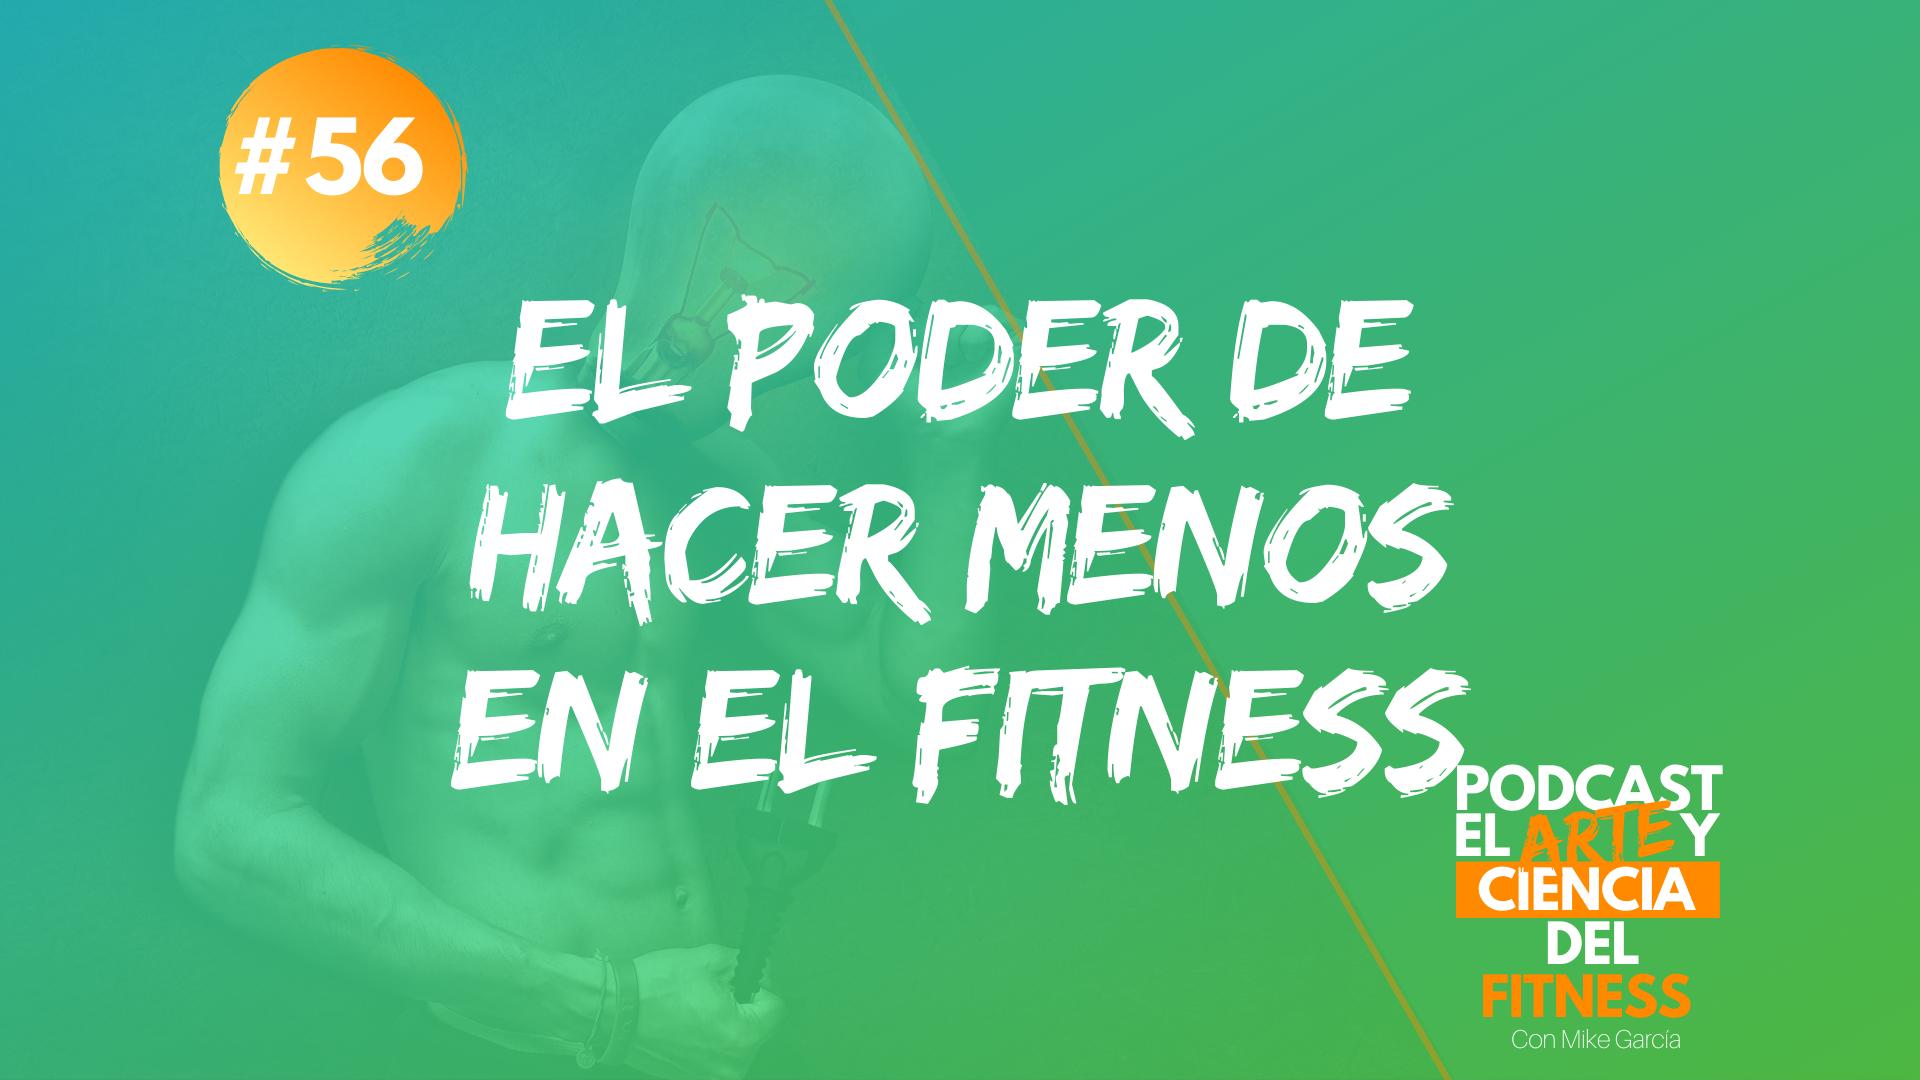 Podcast #56: El Poder De Hacer Menos En El Fitness